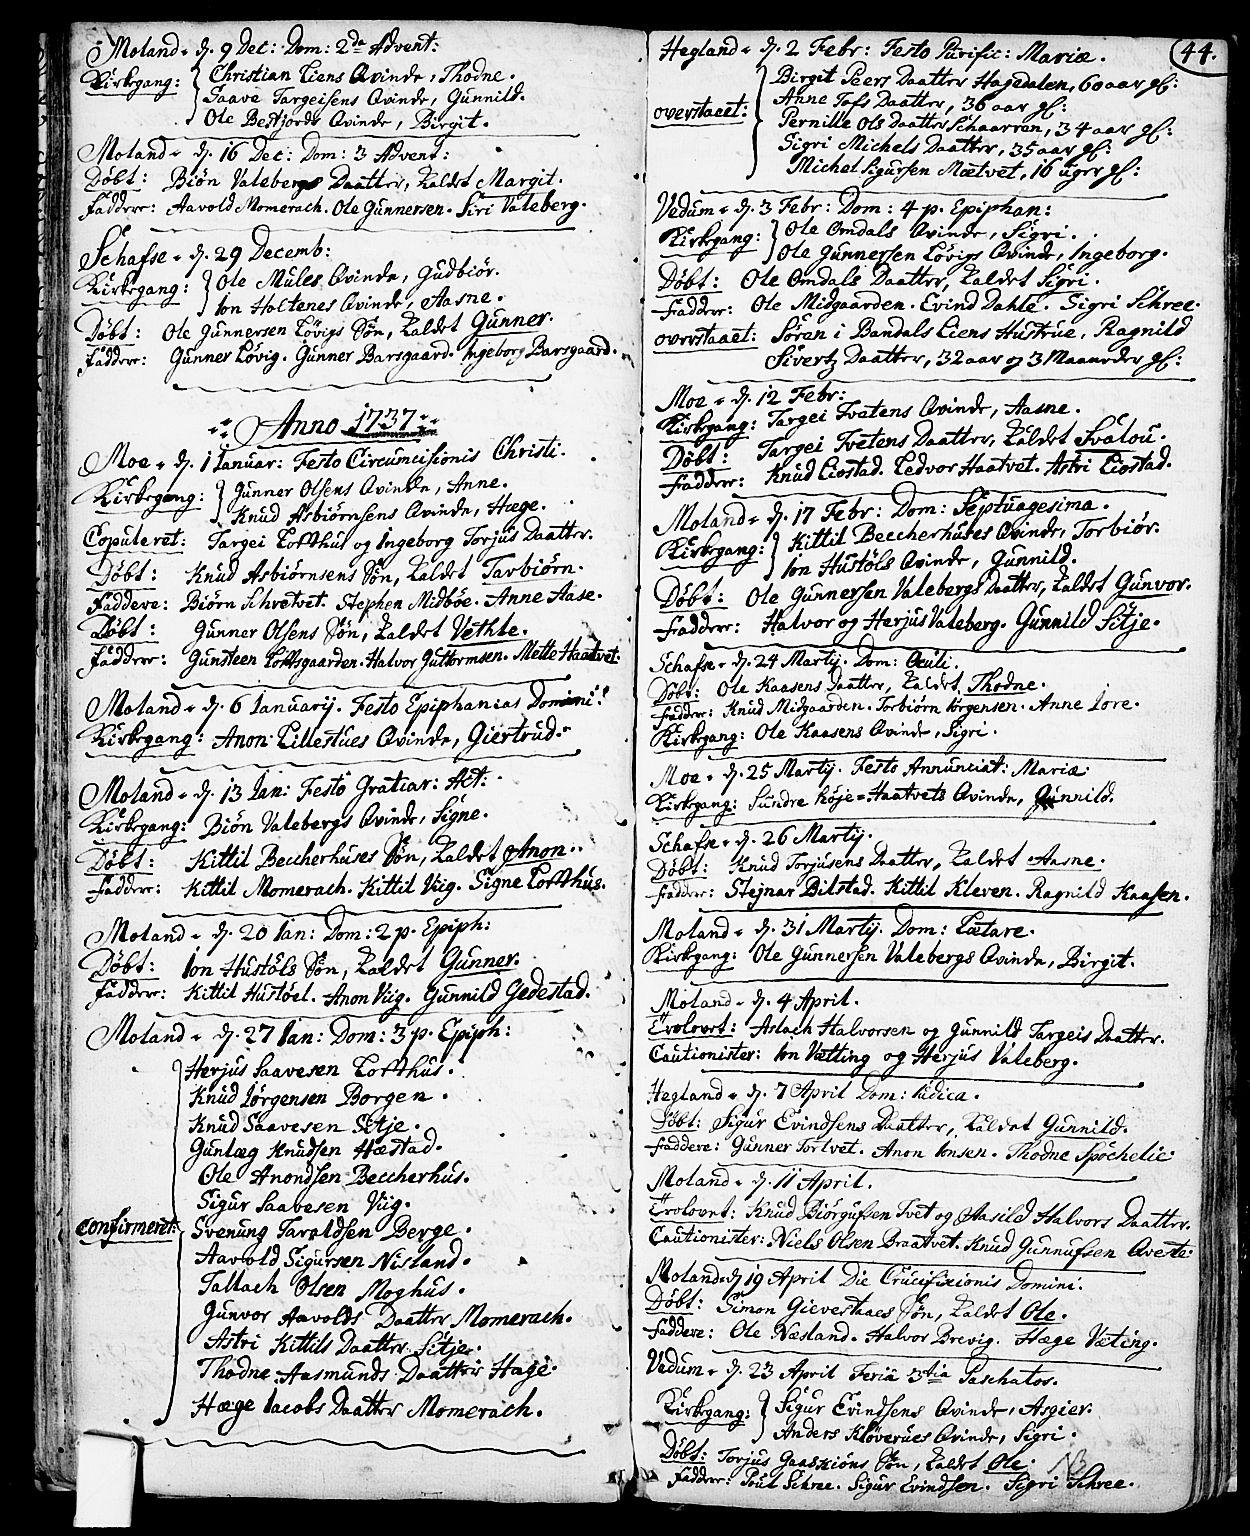 SAKO, Fyresdal kirkebøker, F/Fa/L0001: Ministerialbok nr. I 1, 1724-1748, s. 44